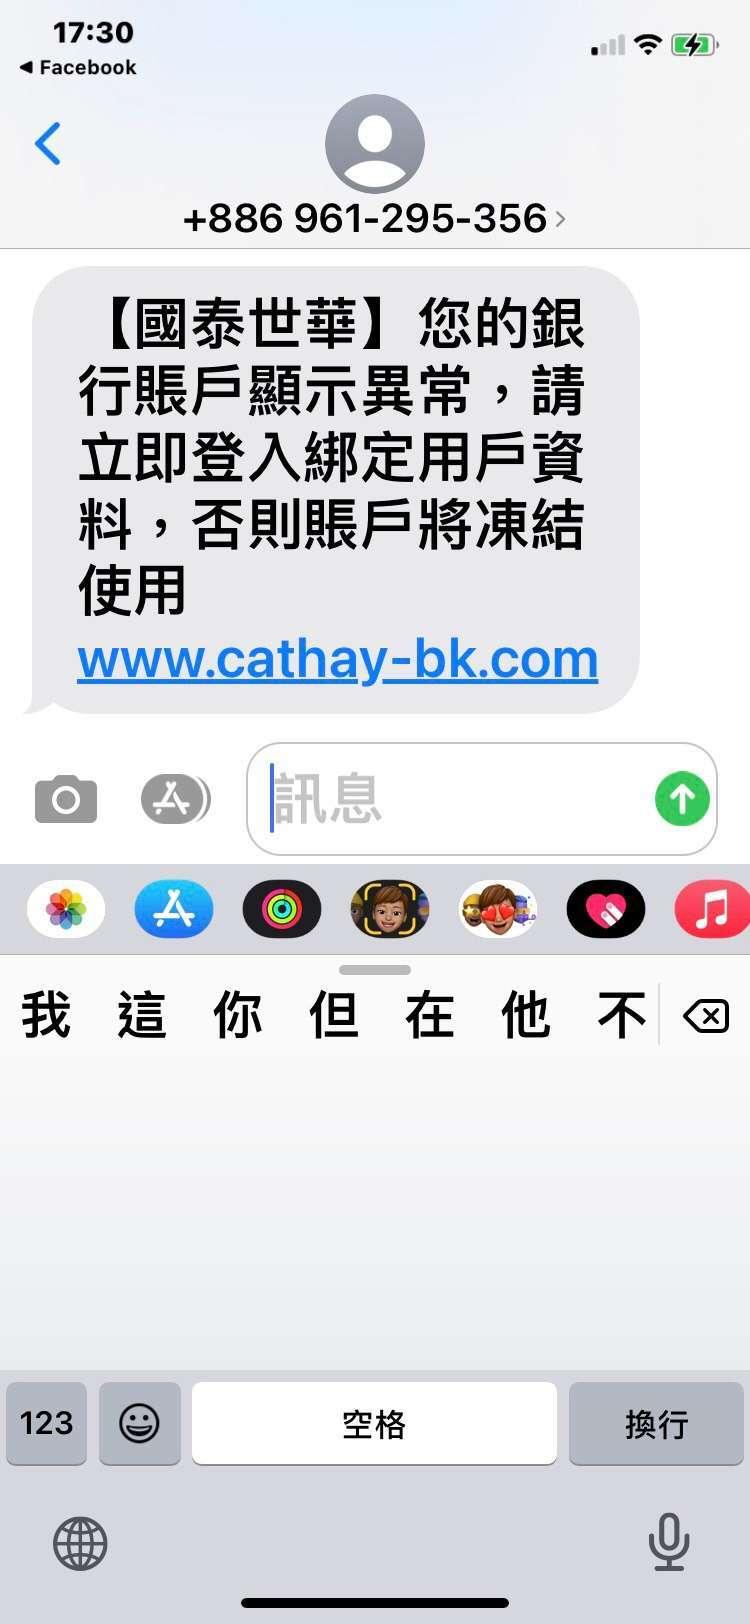 國泰世華銀行示警,此簡訊為詐騙簡訊,請勿點選連結。